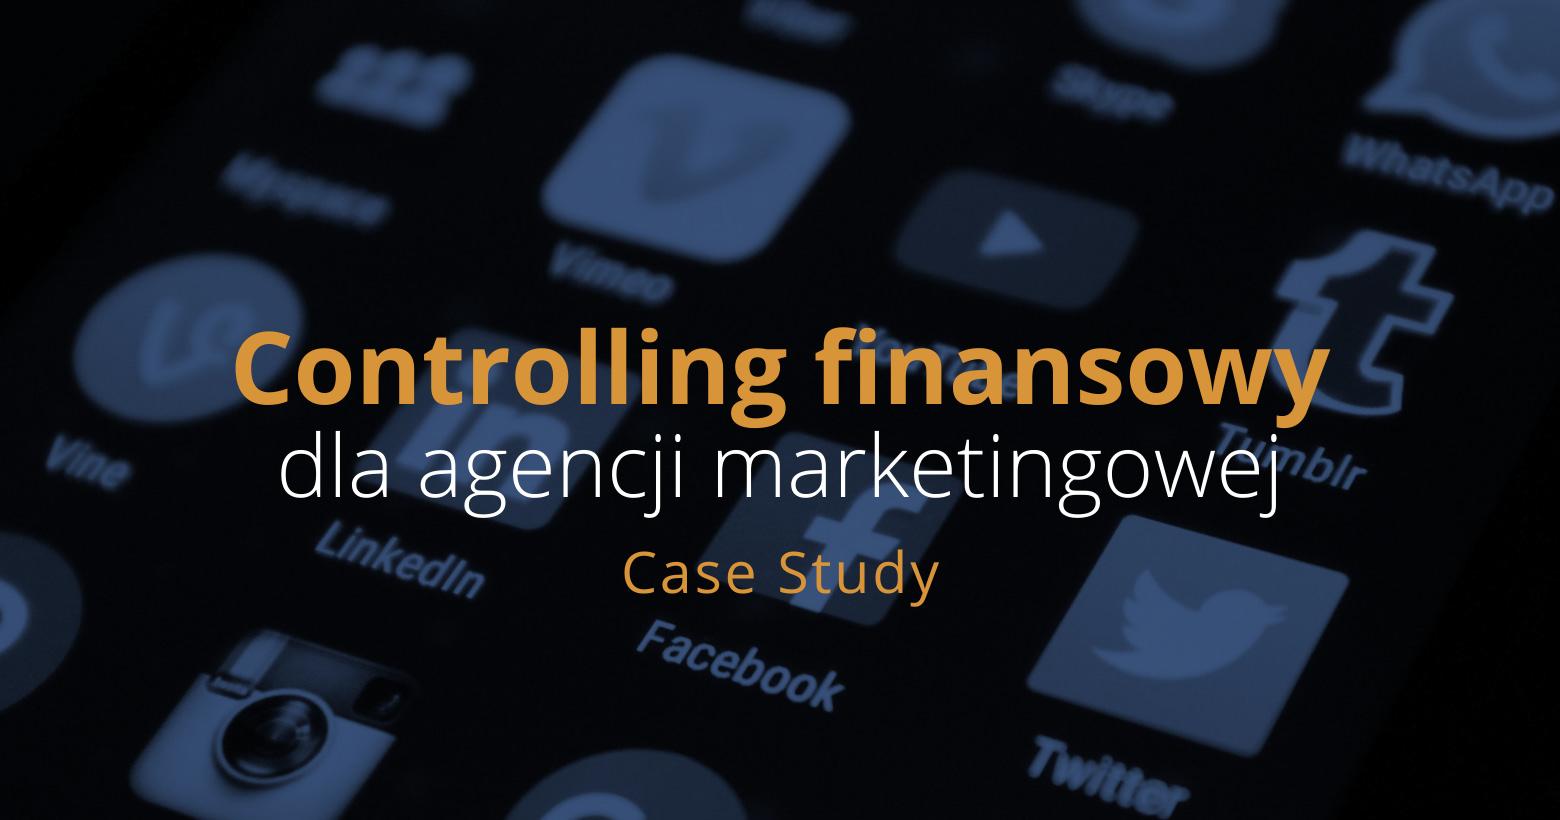 CASE STUDY: Controlling finansowy dla agencji marketingowej